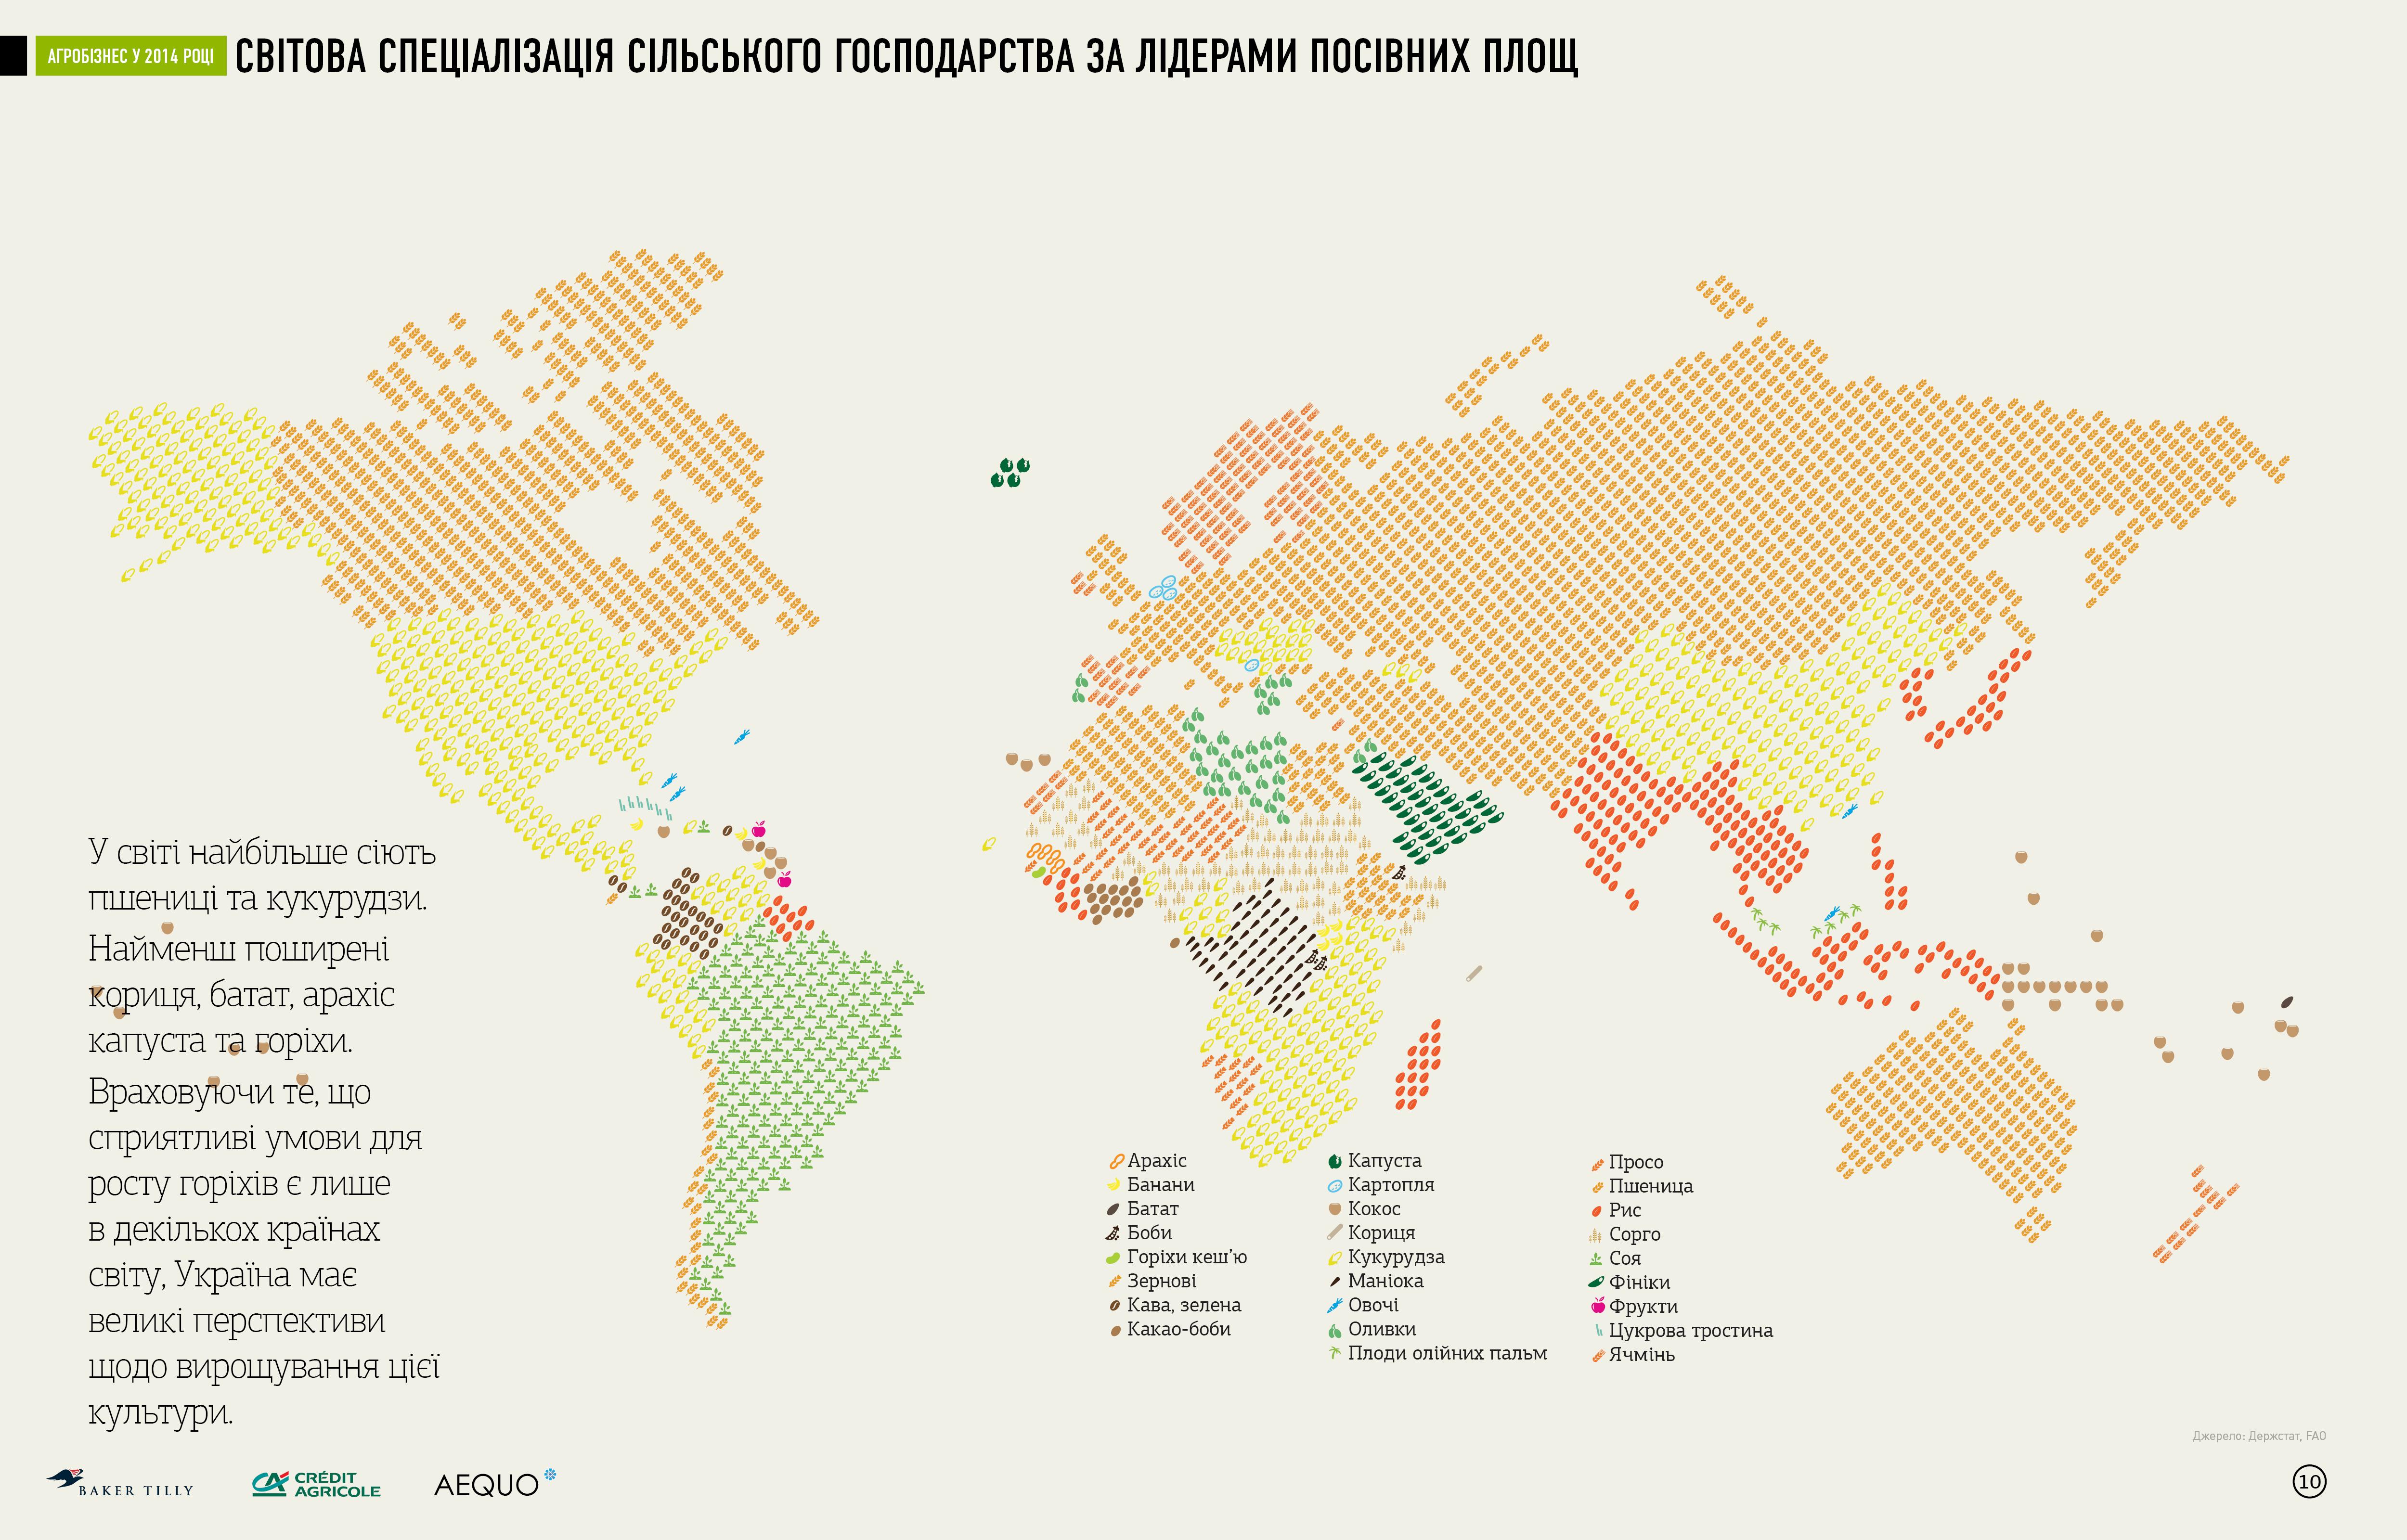 Специализация стран по сельскому хозяйству